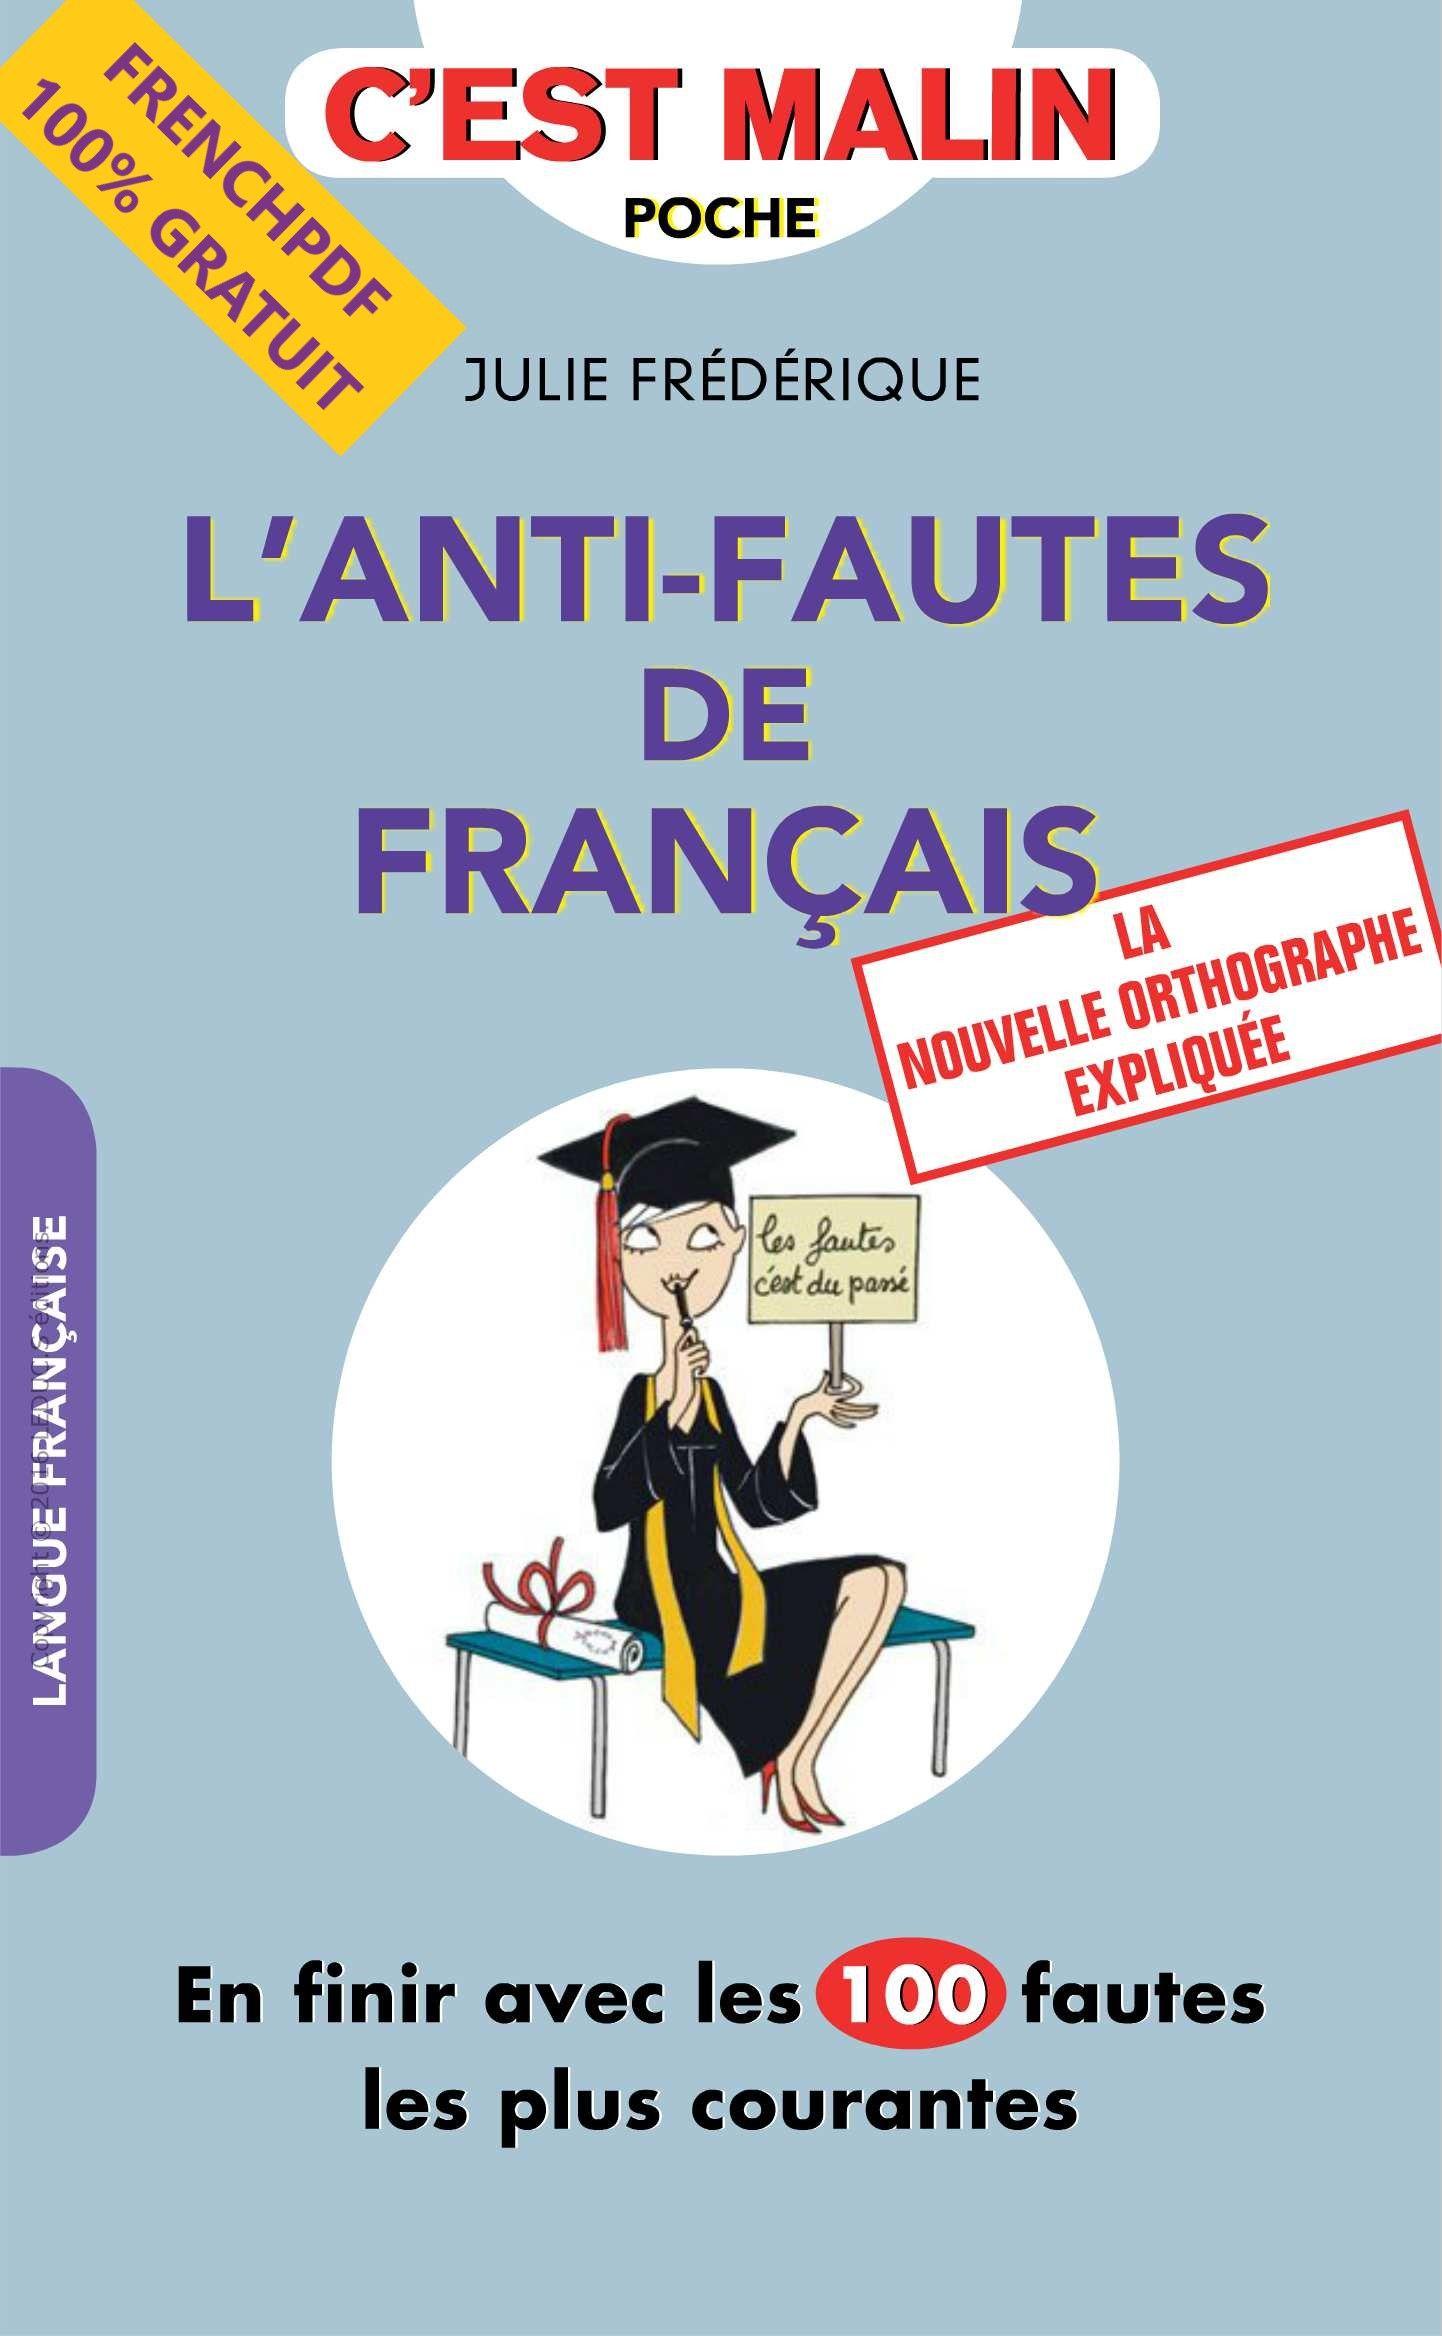 Comment Ne Plus Faire De Fautes : comment, faire, fautes, Jours, Faire, Fautes, Grammaire,, Orthographe,, Conjugaison, Comment, Apprendre, Français,, Français